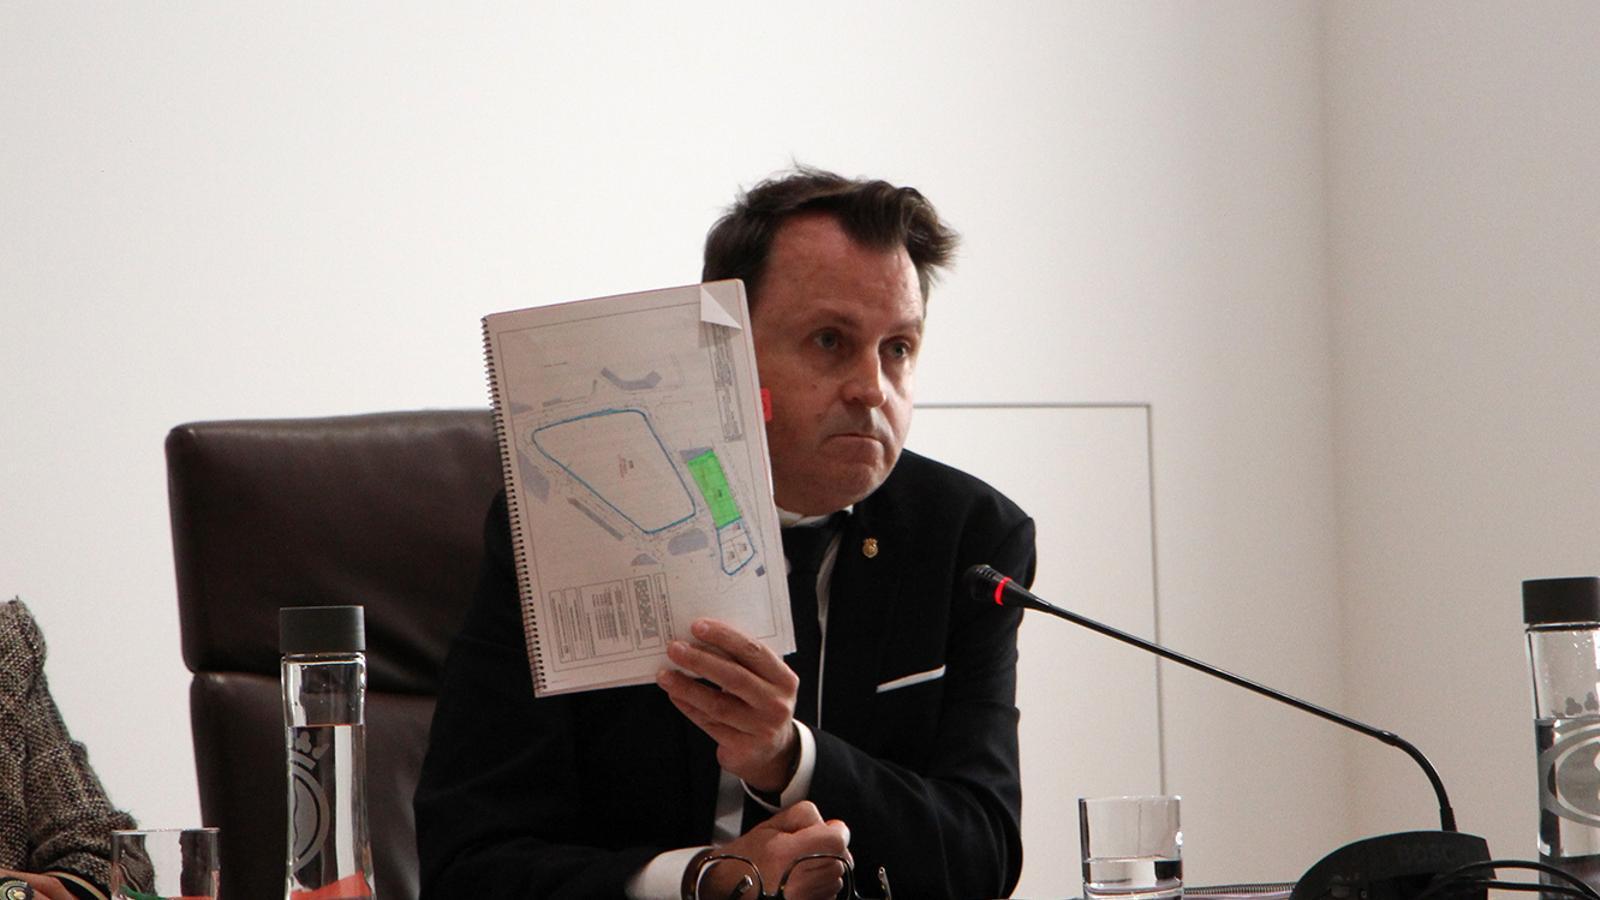 El conseller d'Urbanisme i Aparcaments, Josep Antoni Cortés, mostra el plànol de la parcel·la. / M. F. (ANA)